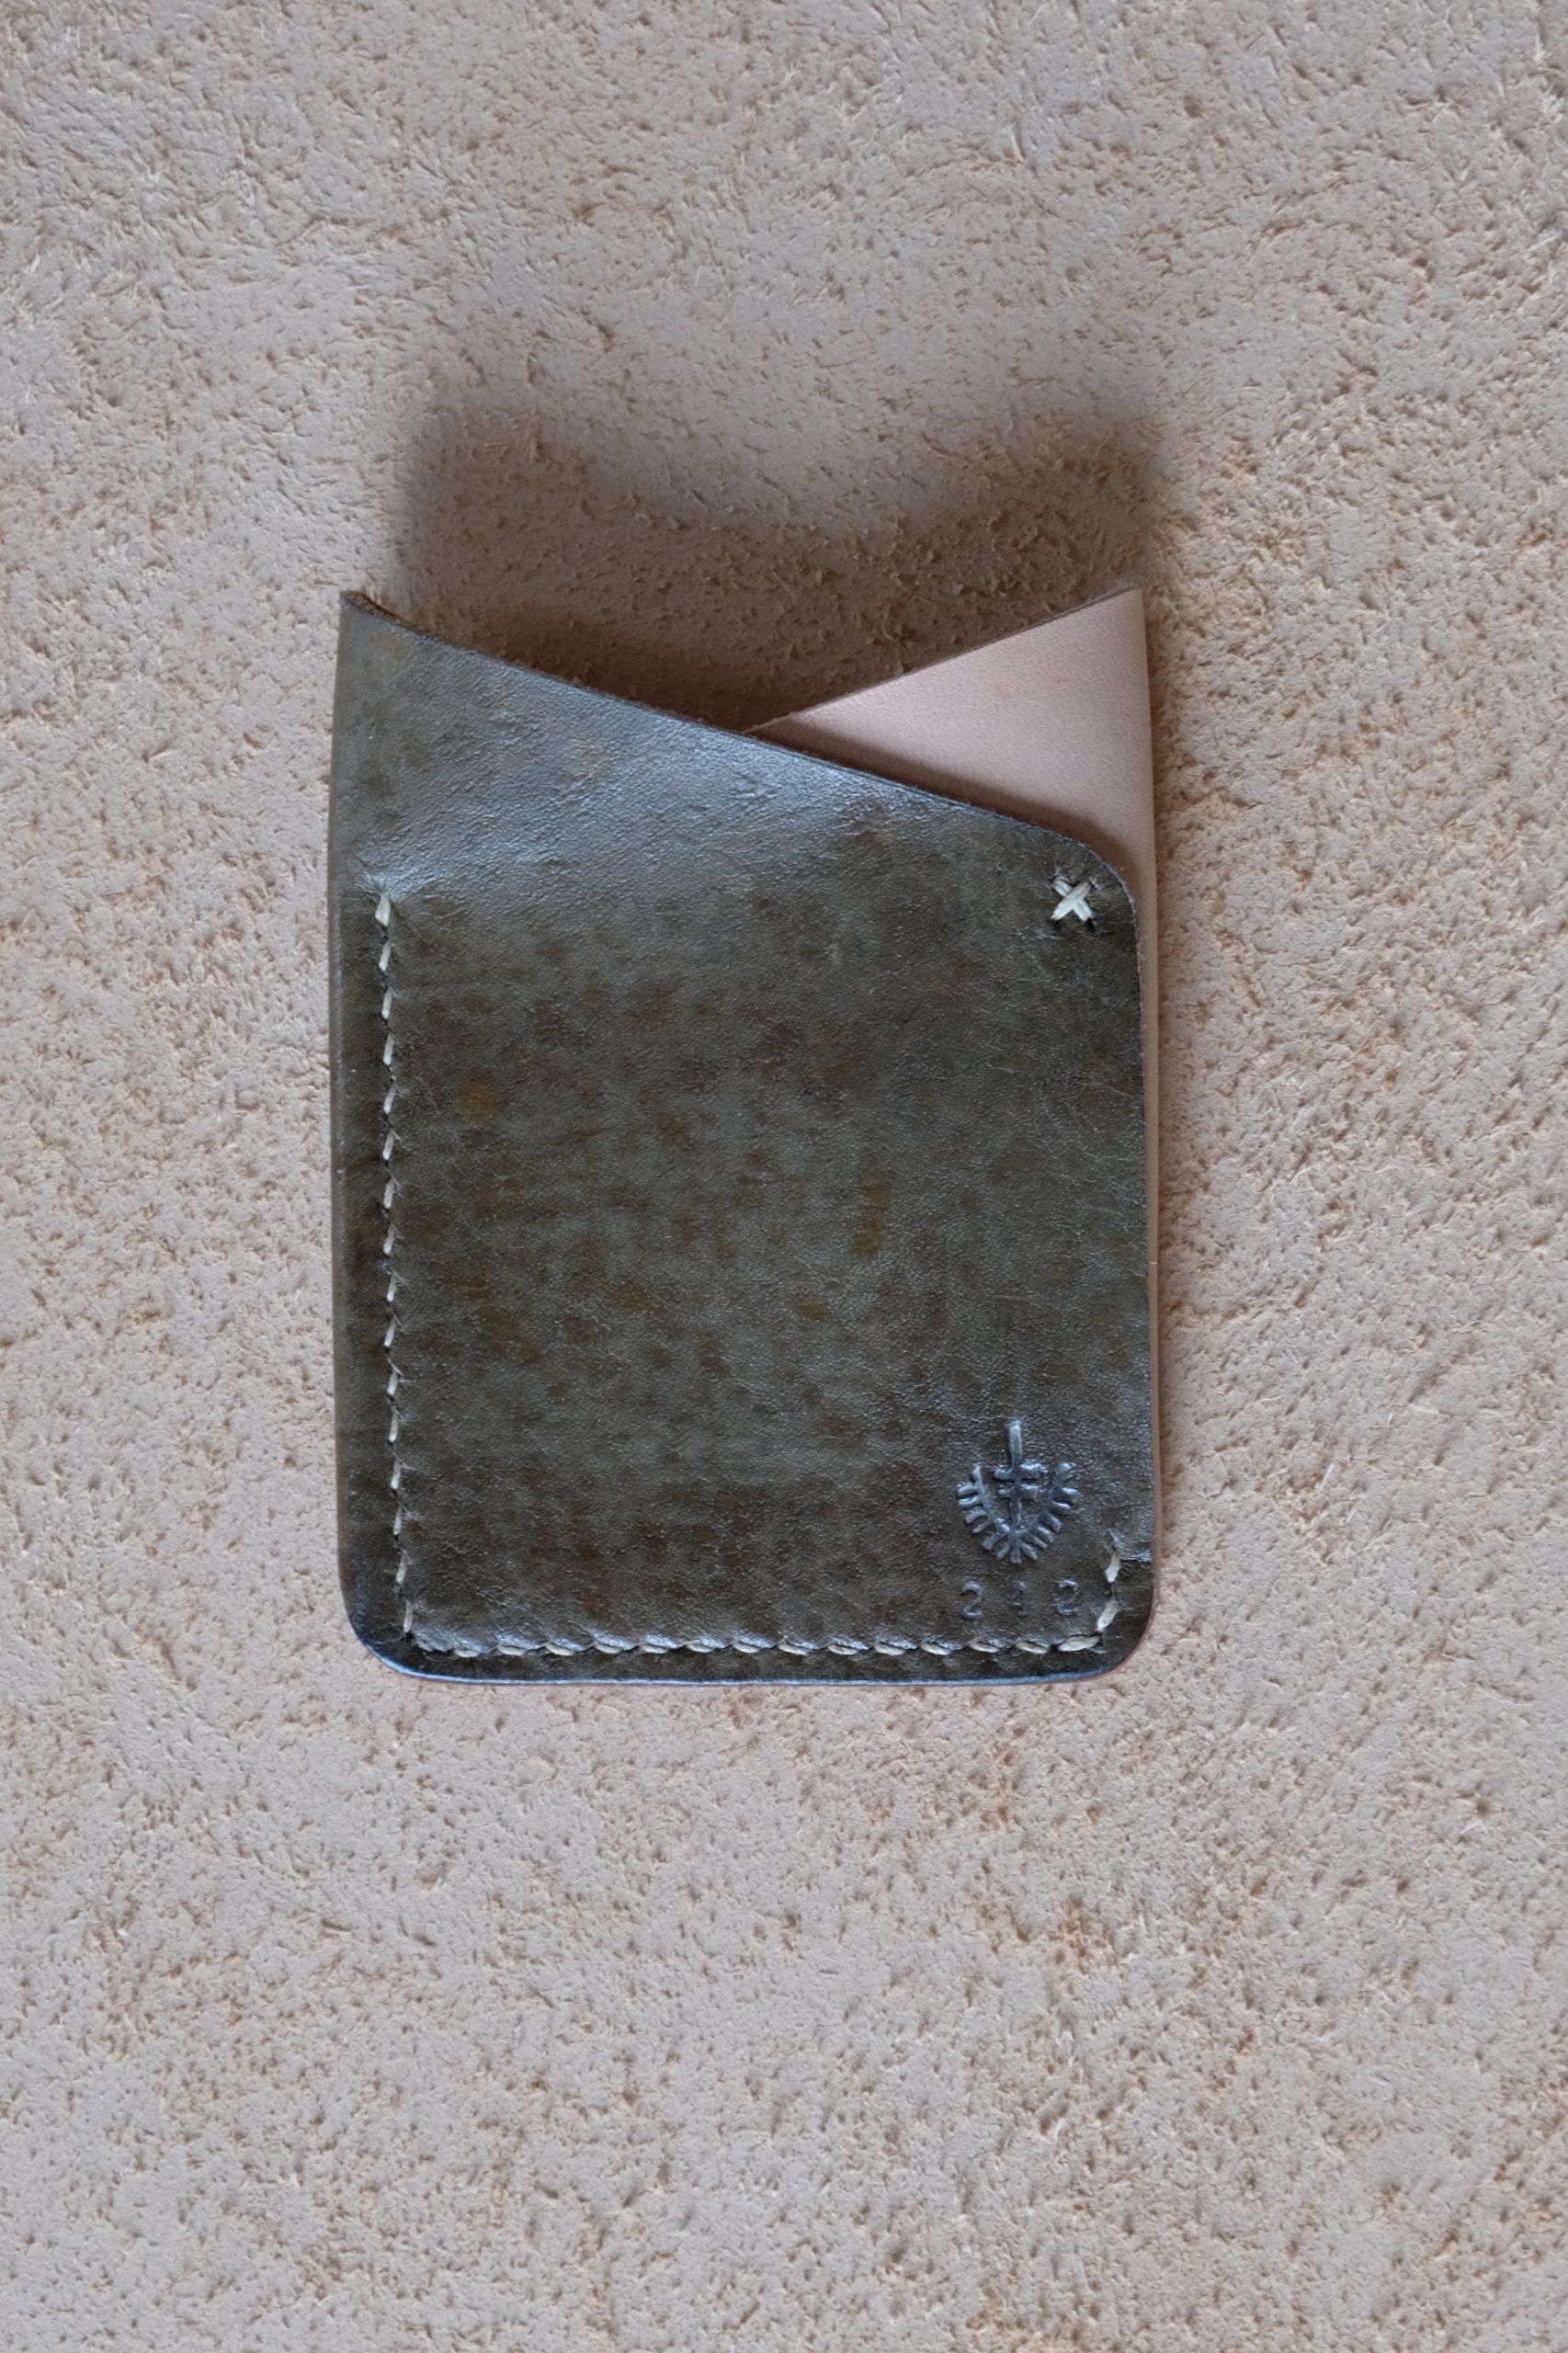 lerif designs leather fox ears cardholder in vinegaroon dye on beige backgroun